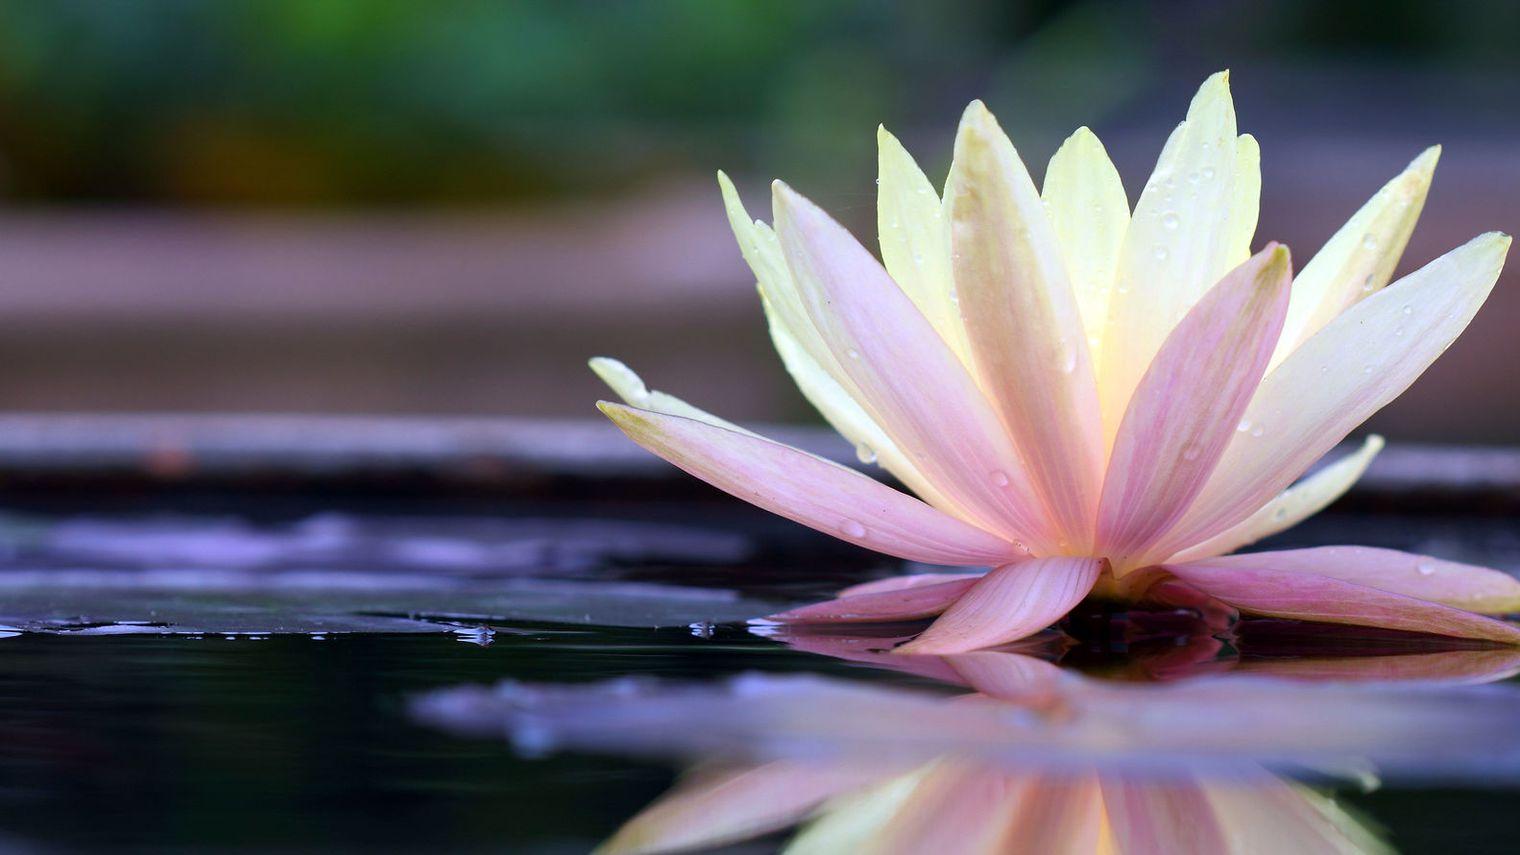 fleur-de-lotus_4814300.jpg